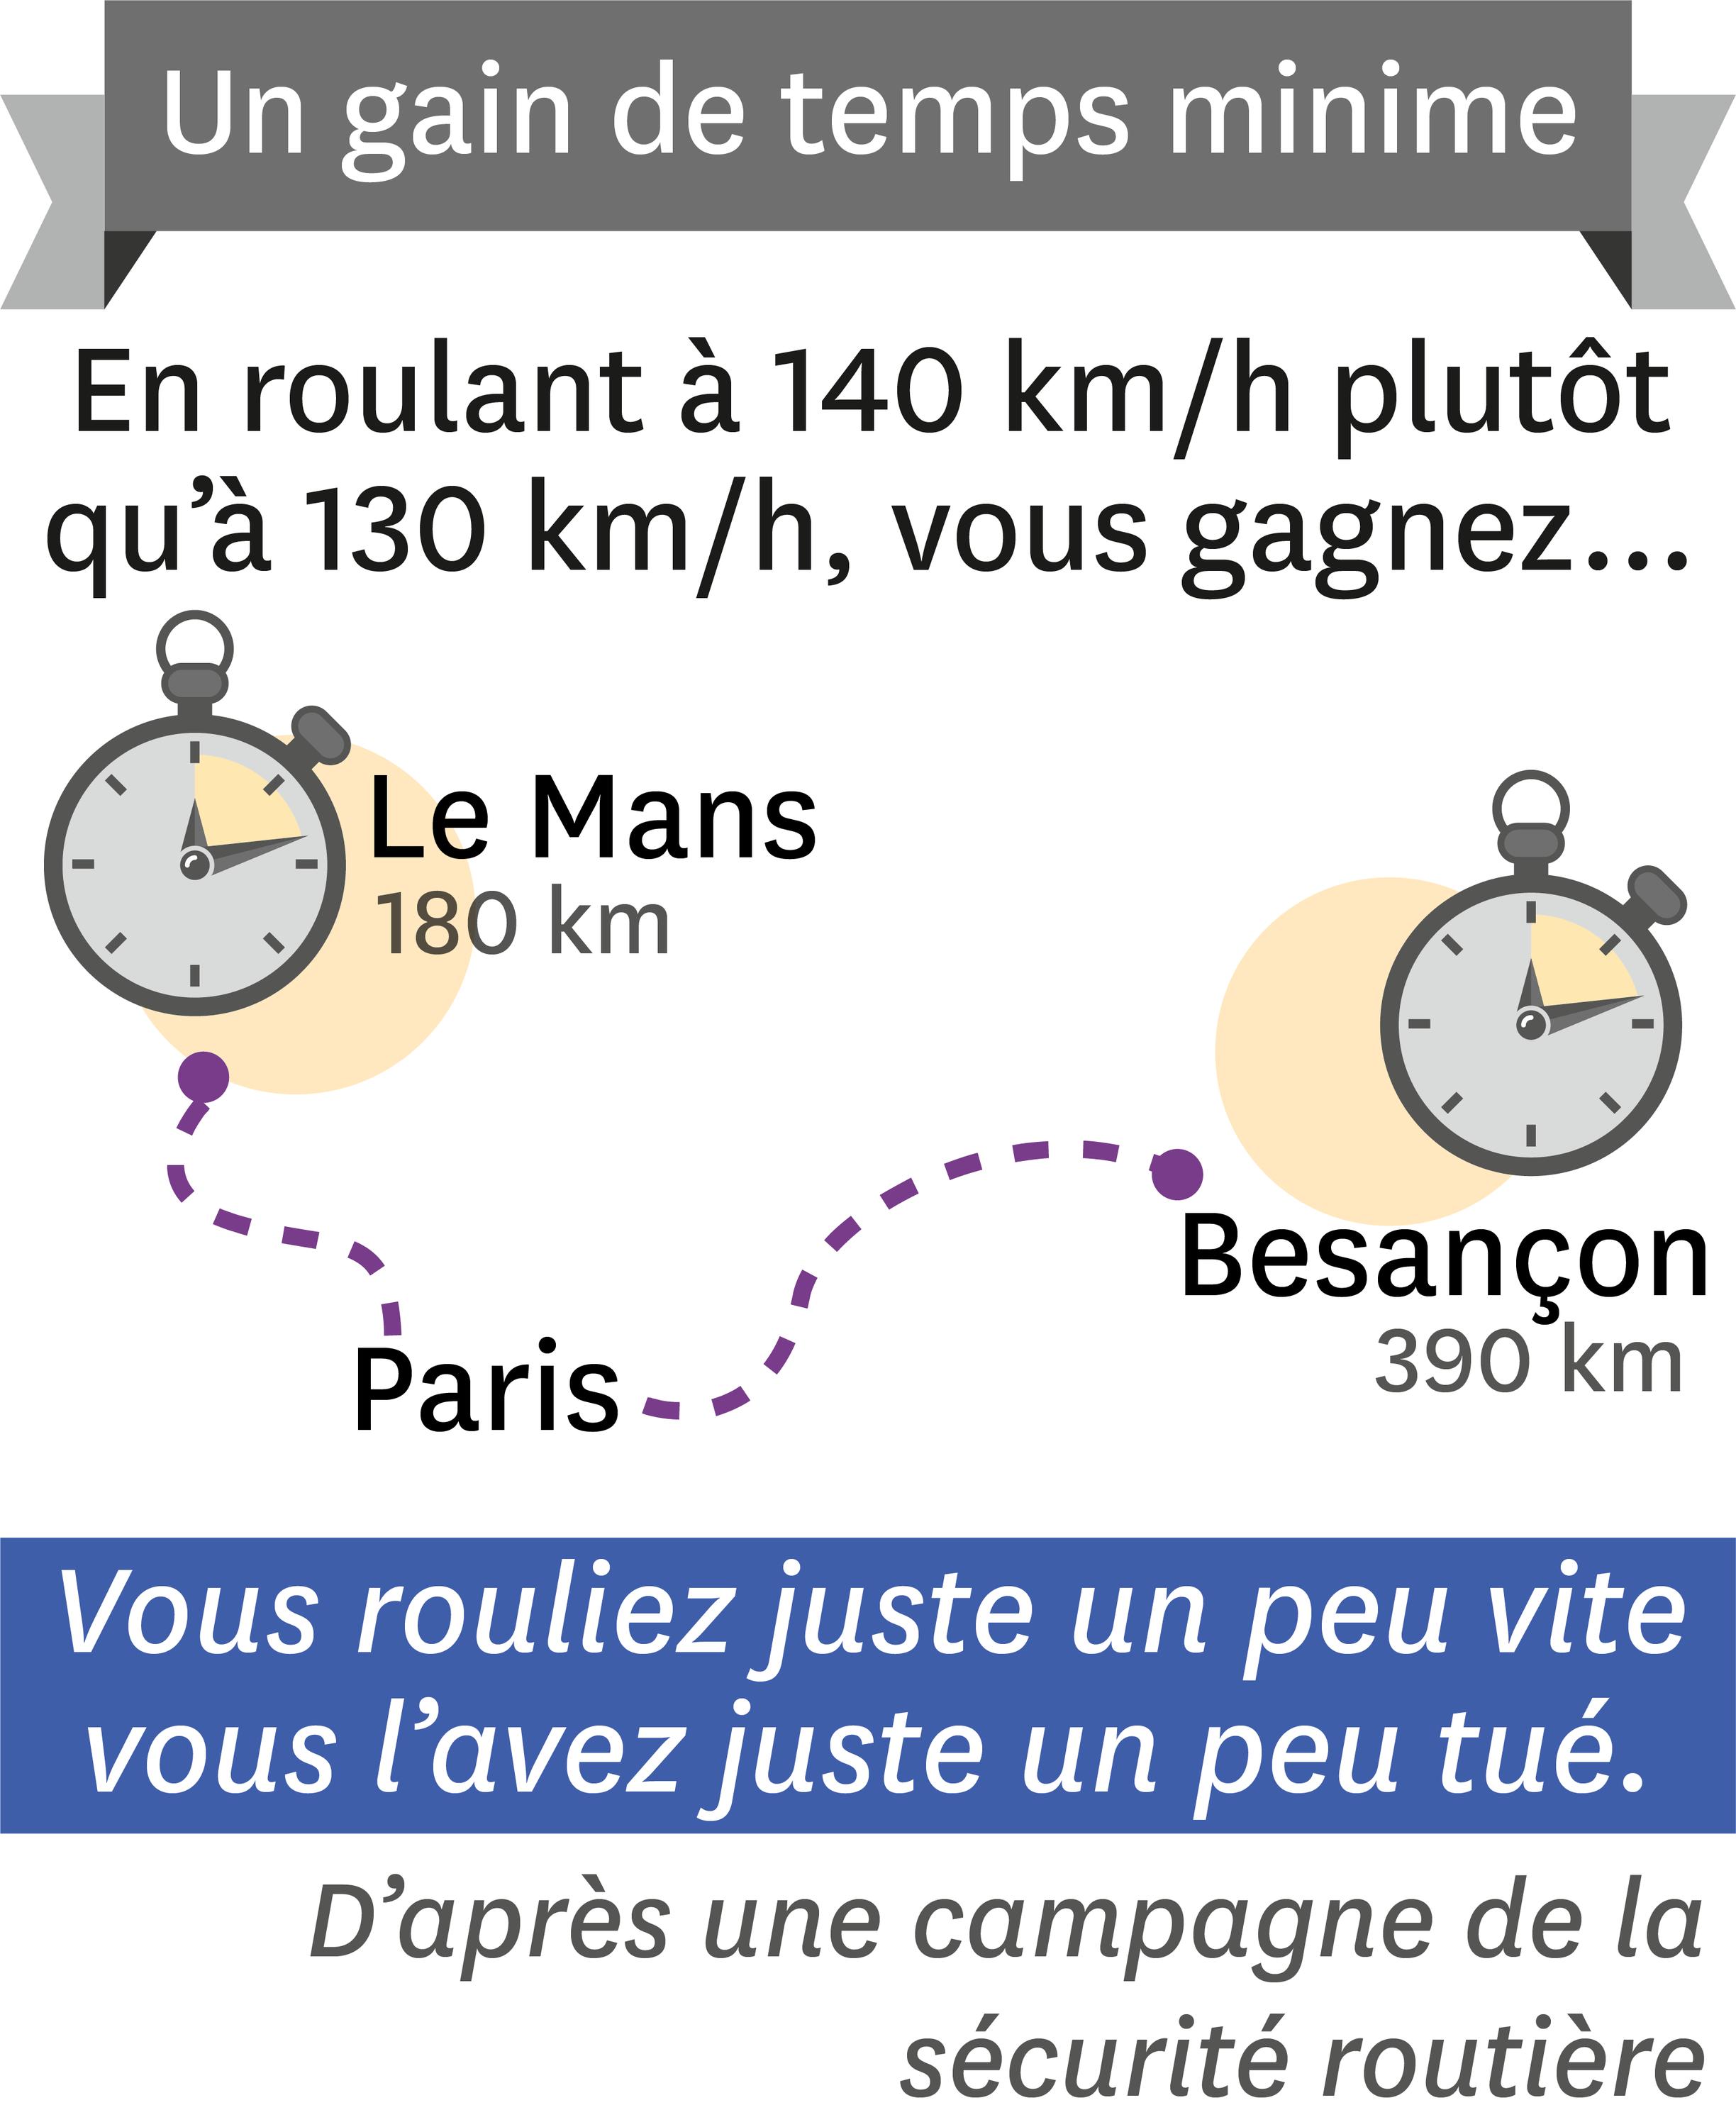 Le Mans - Paris - Besançon.